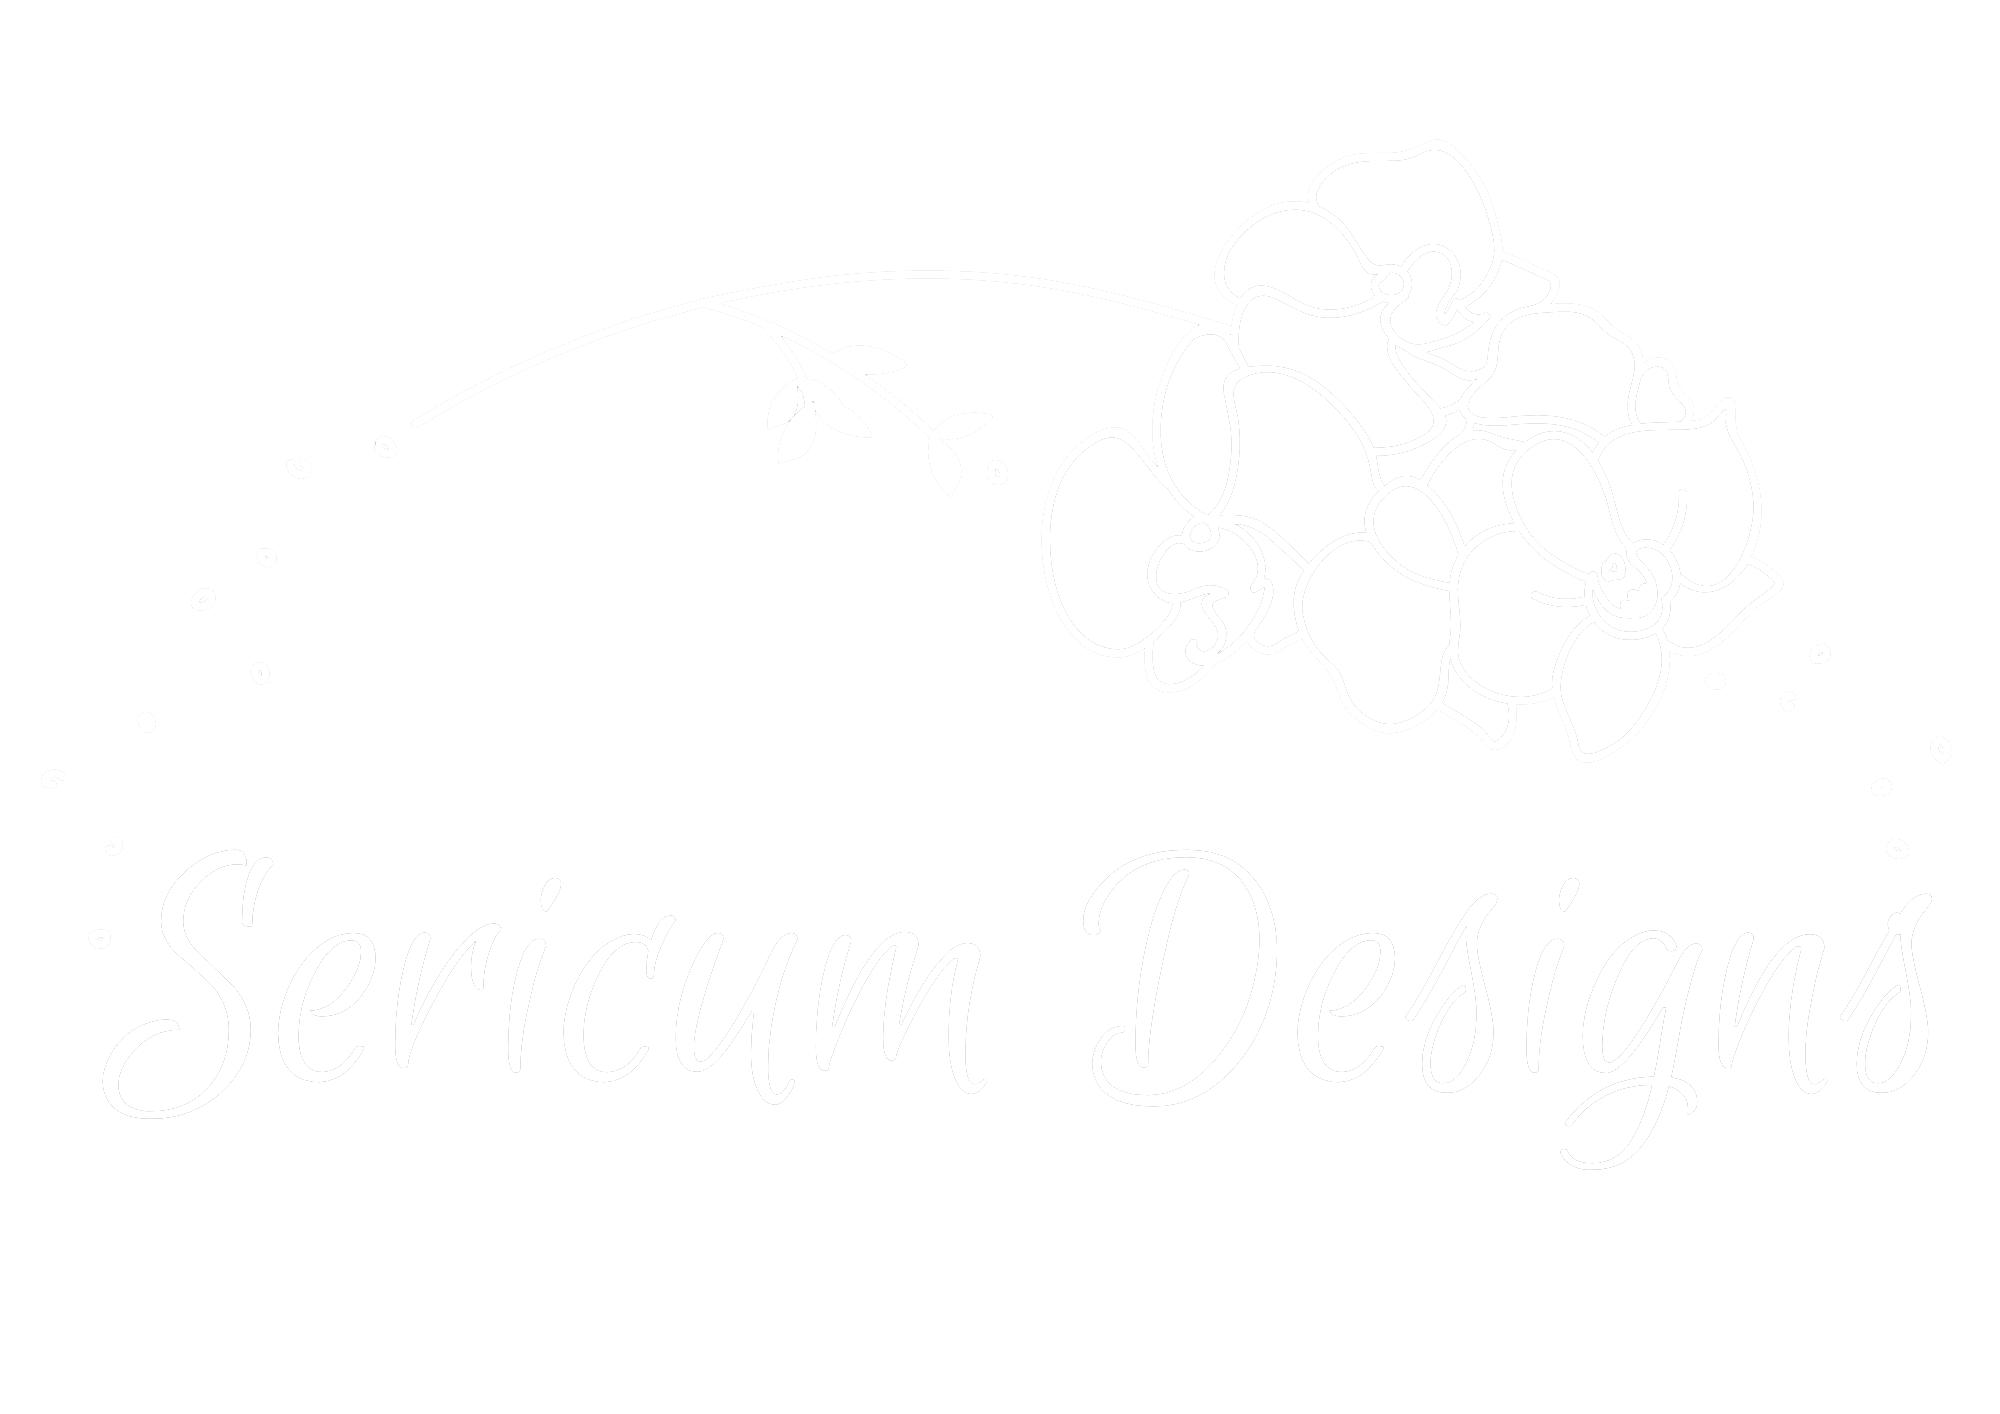 Sericum Designs